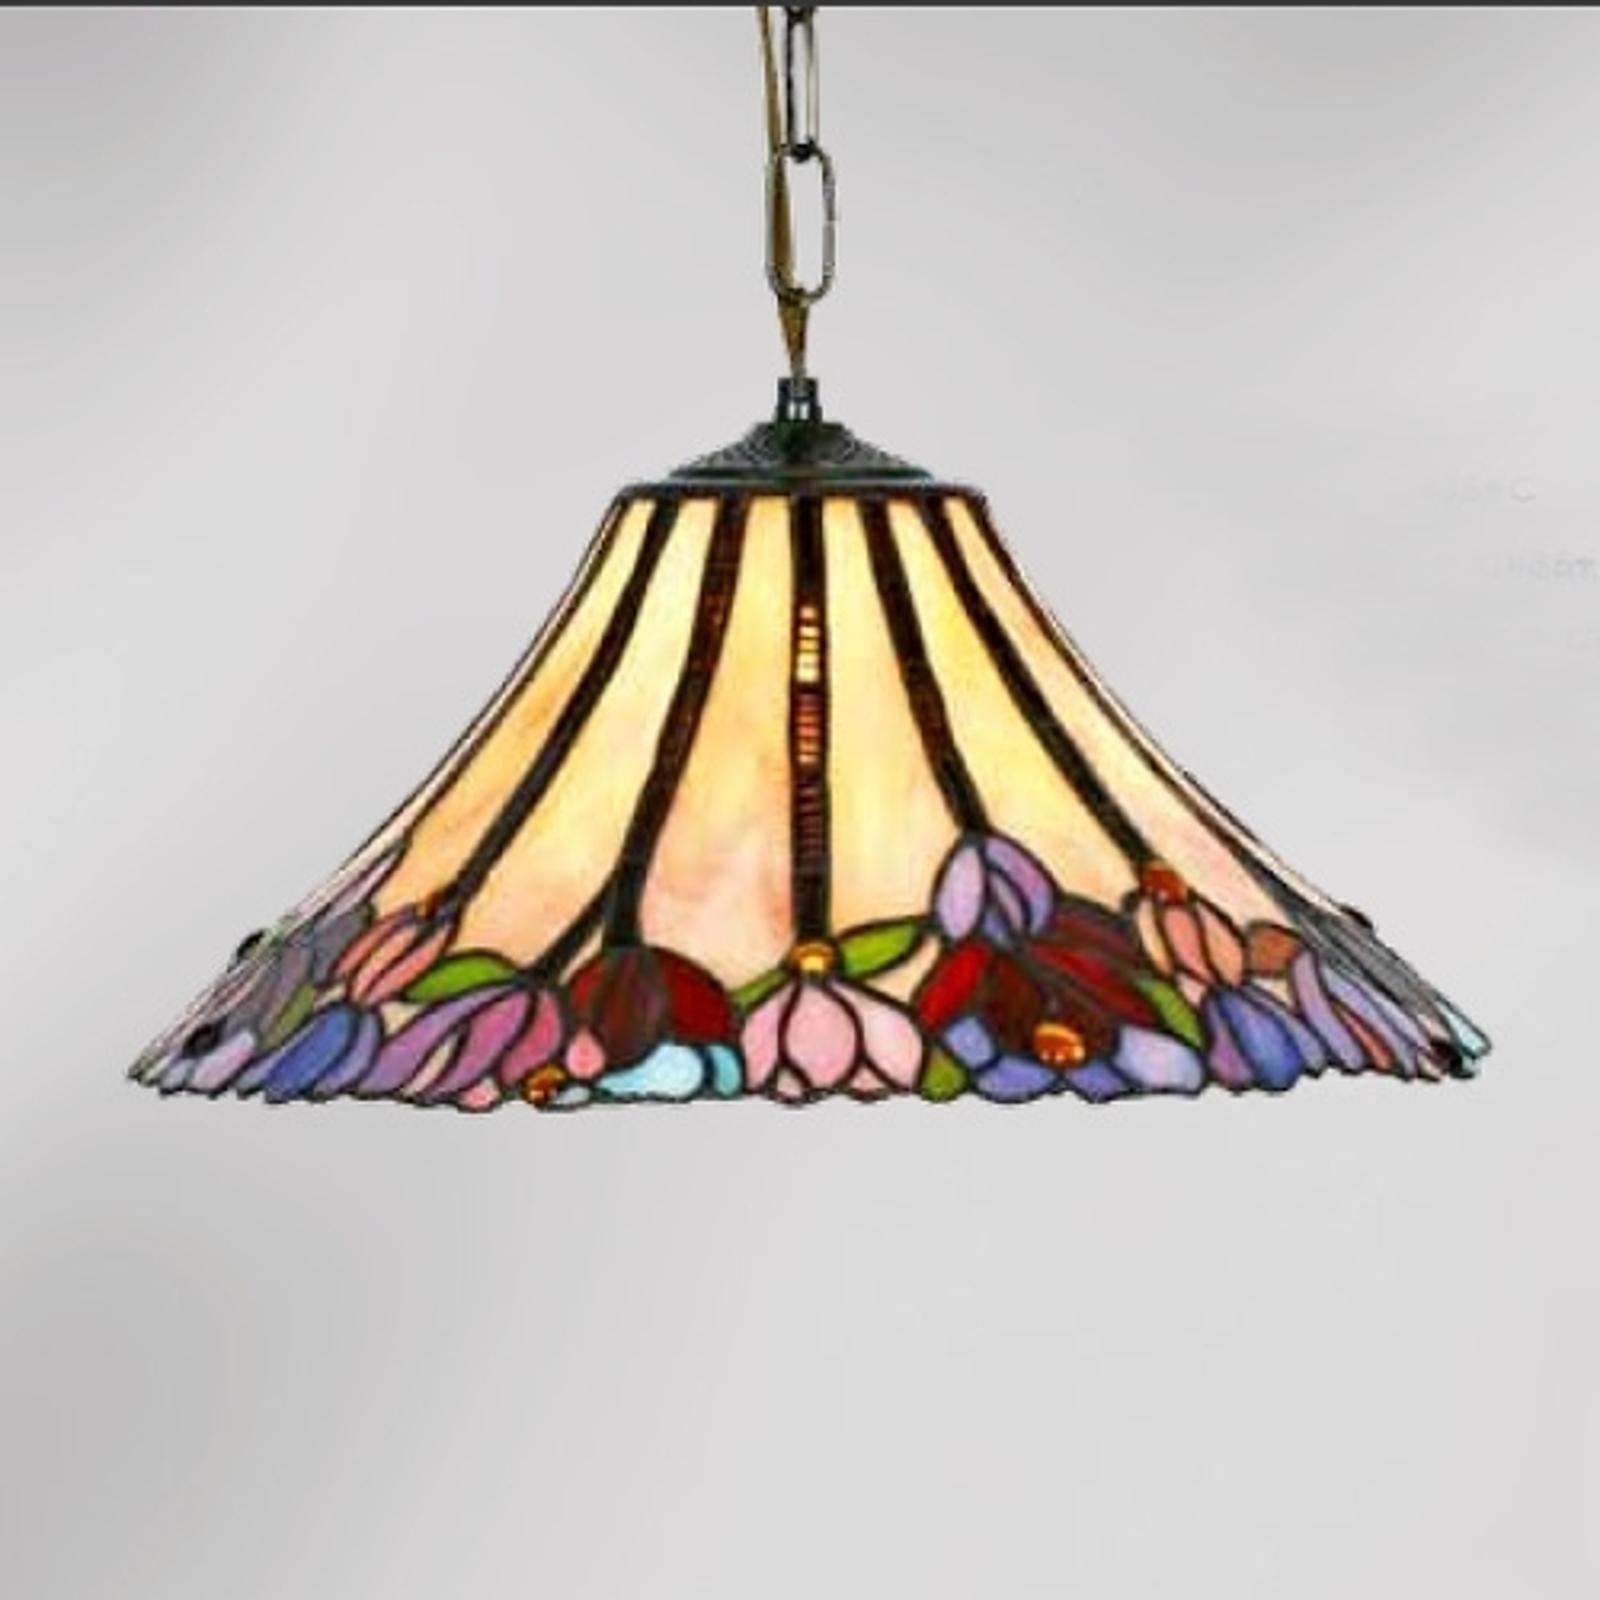 Mooie hanglamp Tori in Tiffany-stijl 1 x E27